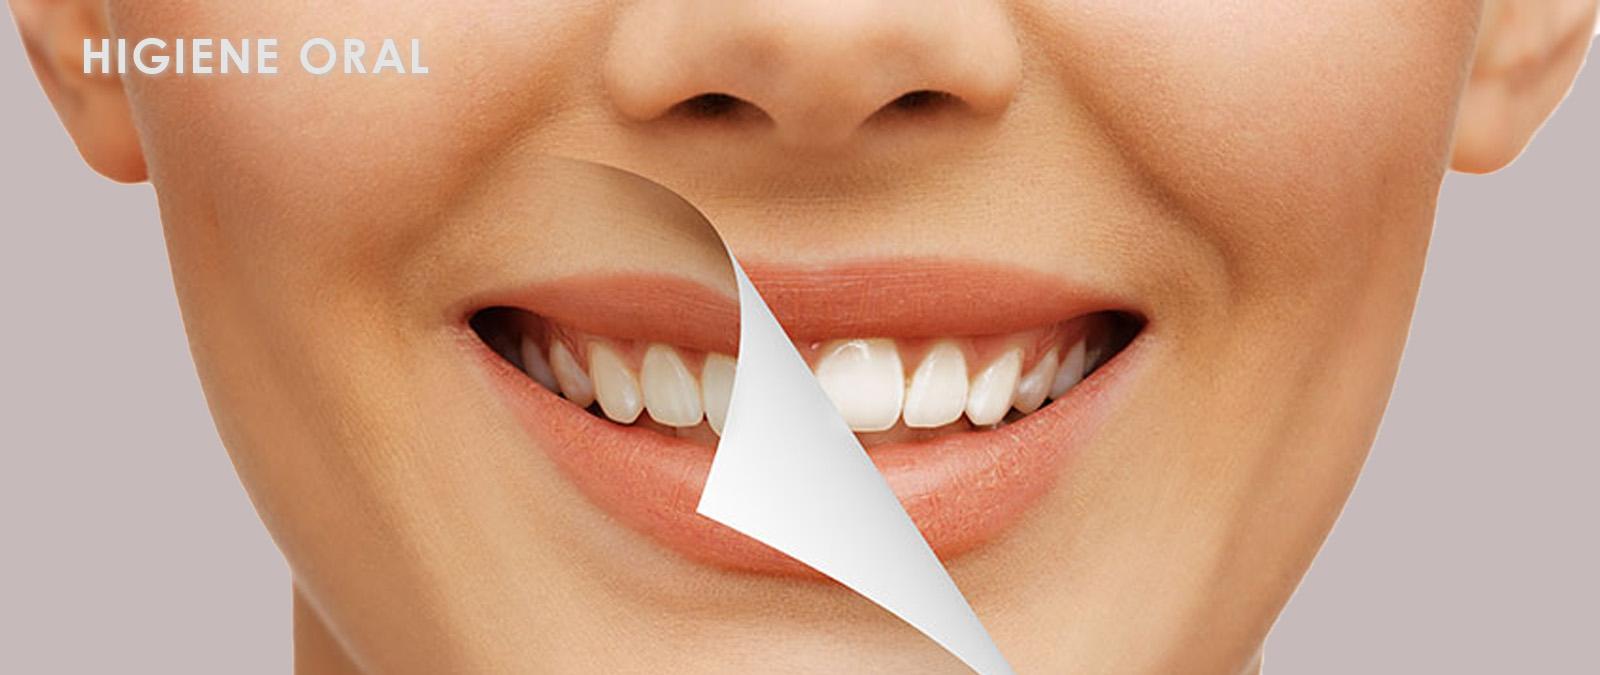 Higiene Oral Capa